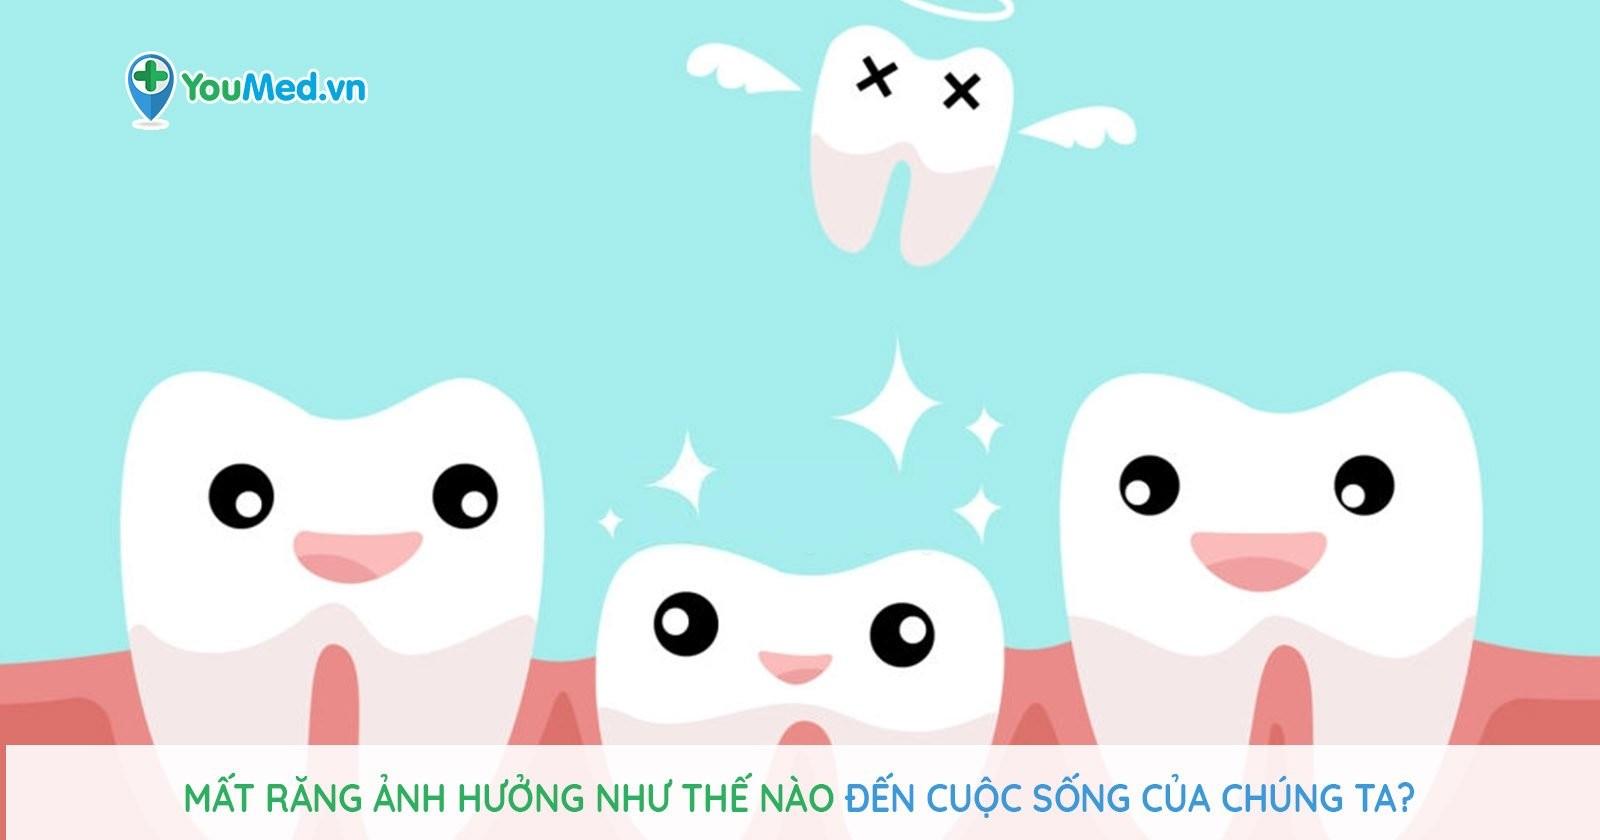 Mất răng ảnh hưởng như thế nào đến cuộc sống của chúng ta